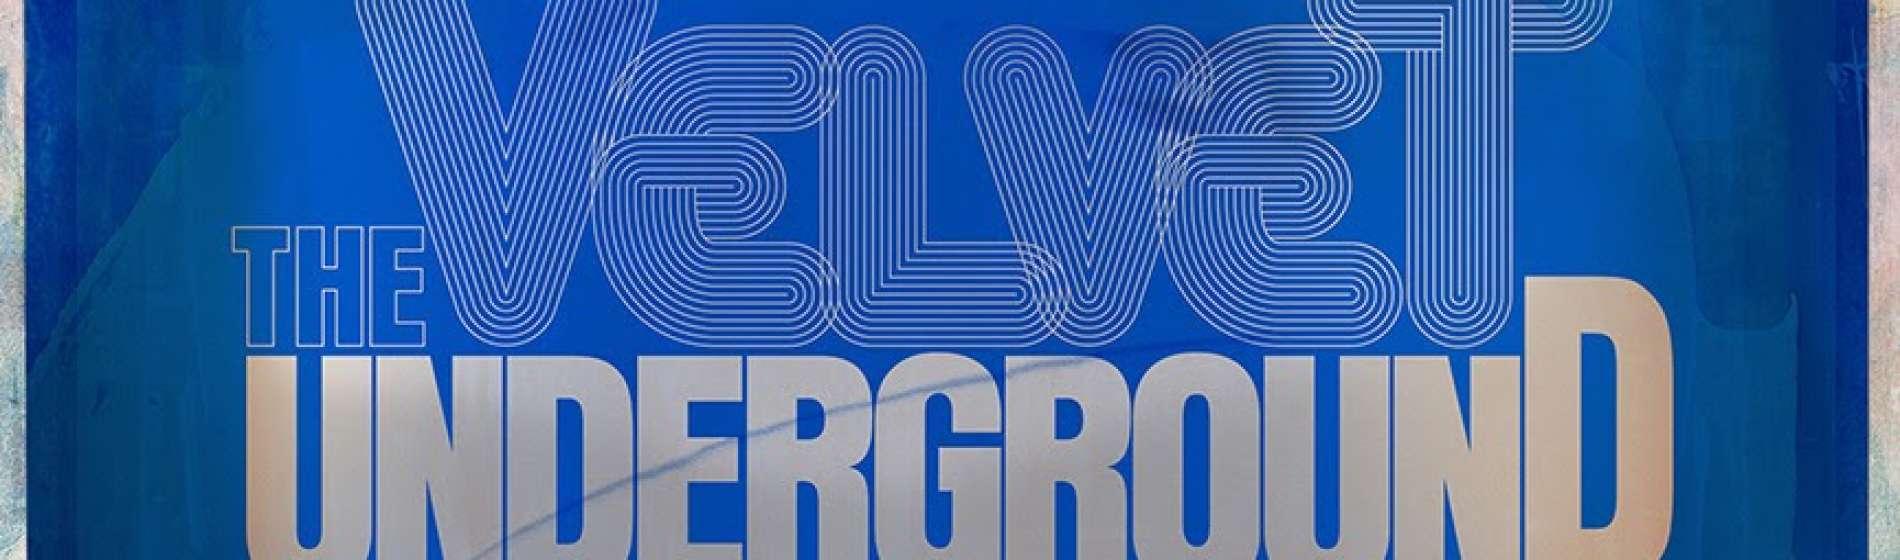 Velvet Underground Todd Haynes Cannes